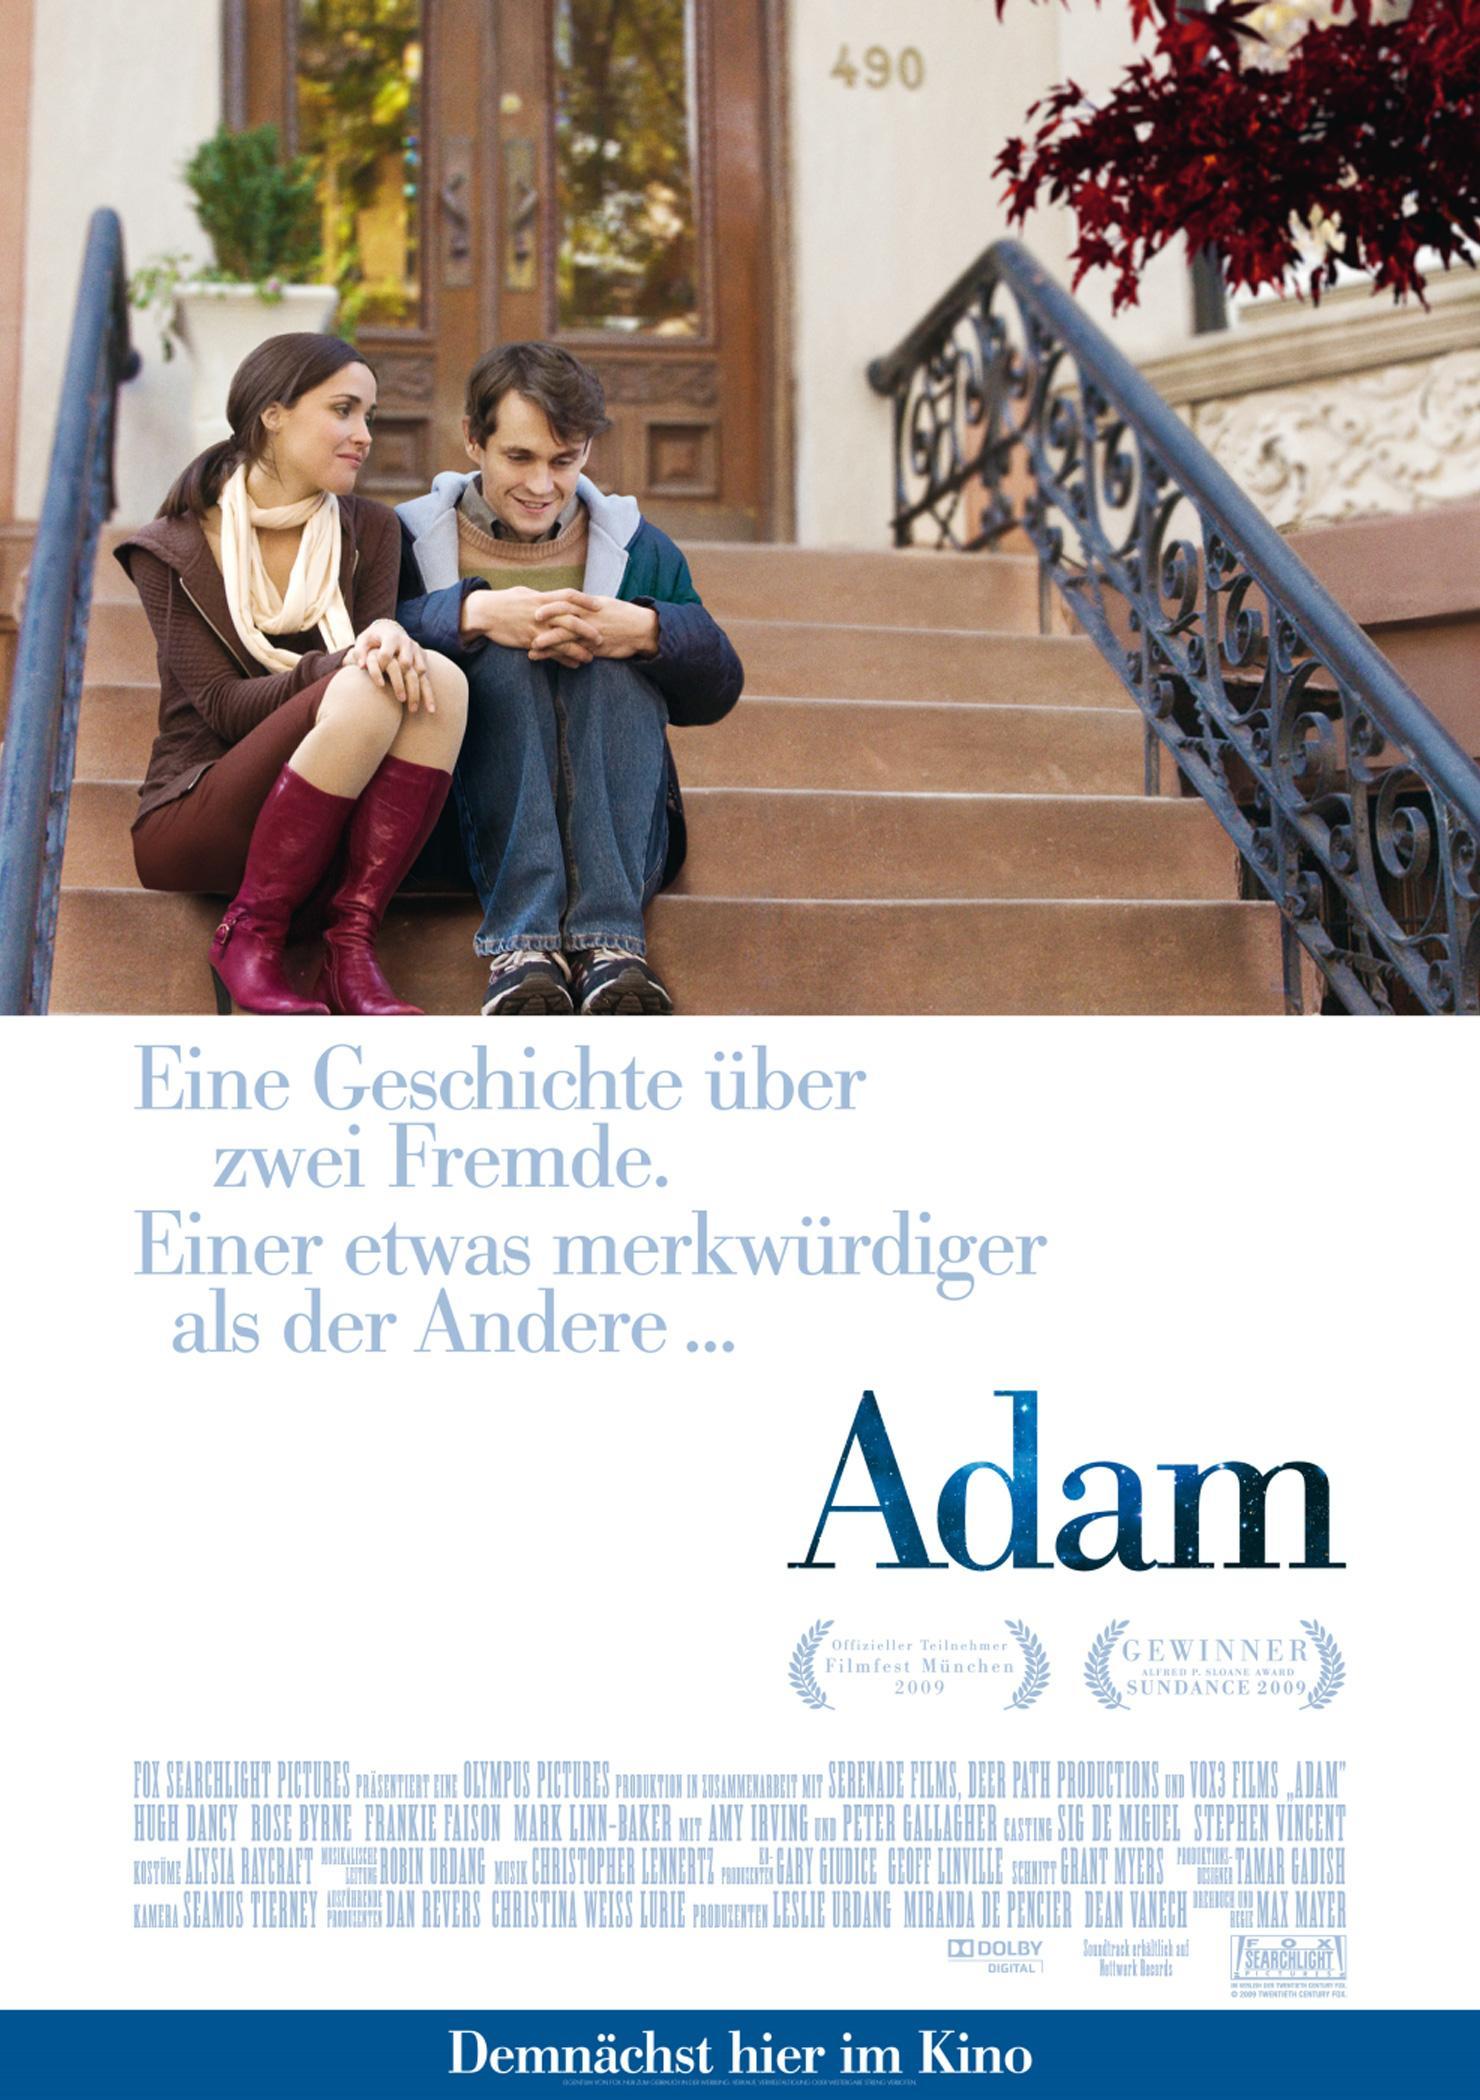 Adam - Eine Geschichte über zwei Fremde. Einer etwas merkwürdiger als der Andere (Poster)